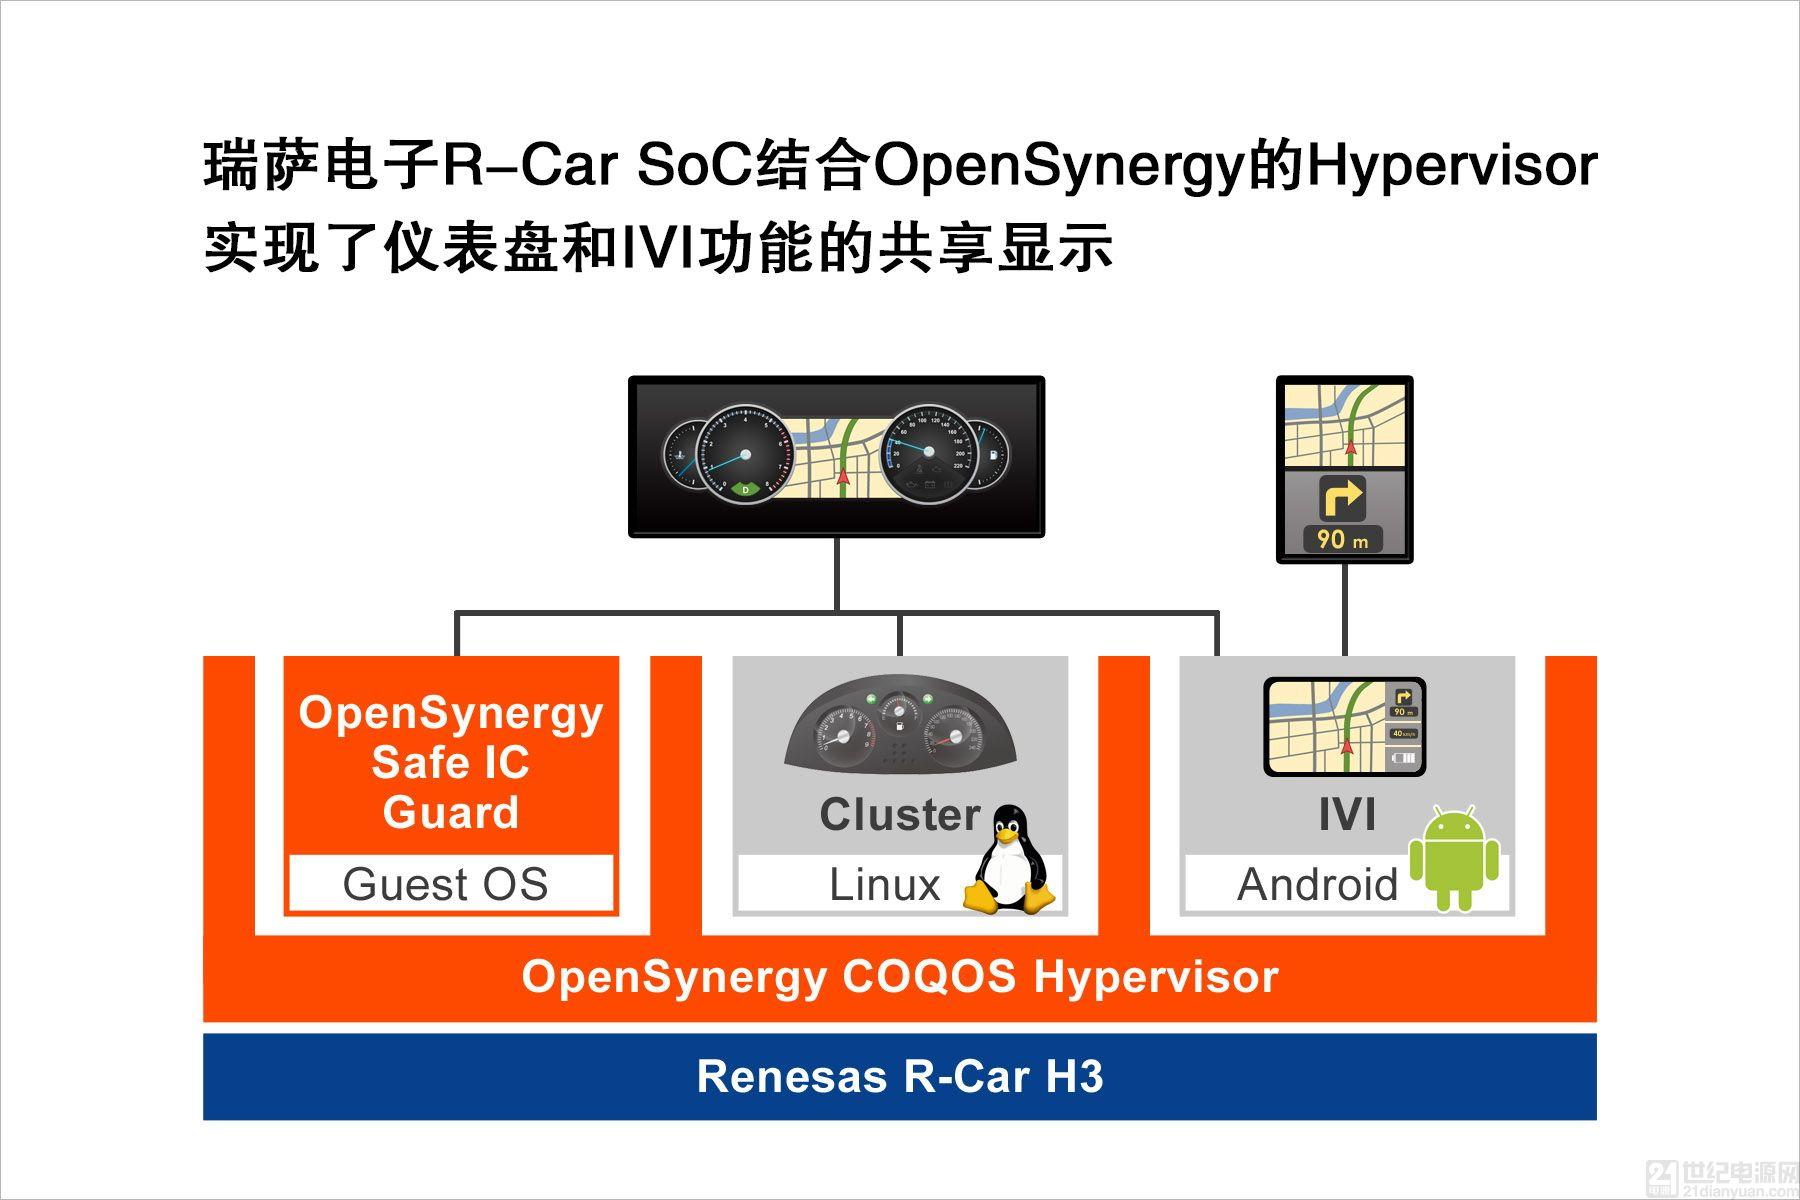 瑞萨、OpenSynergy为Parrot Faurecia 提供多屏显示驾驶舱解决方案